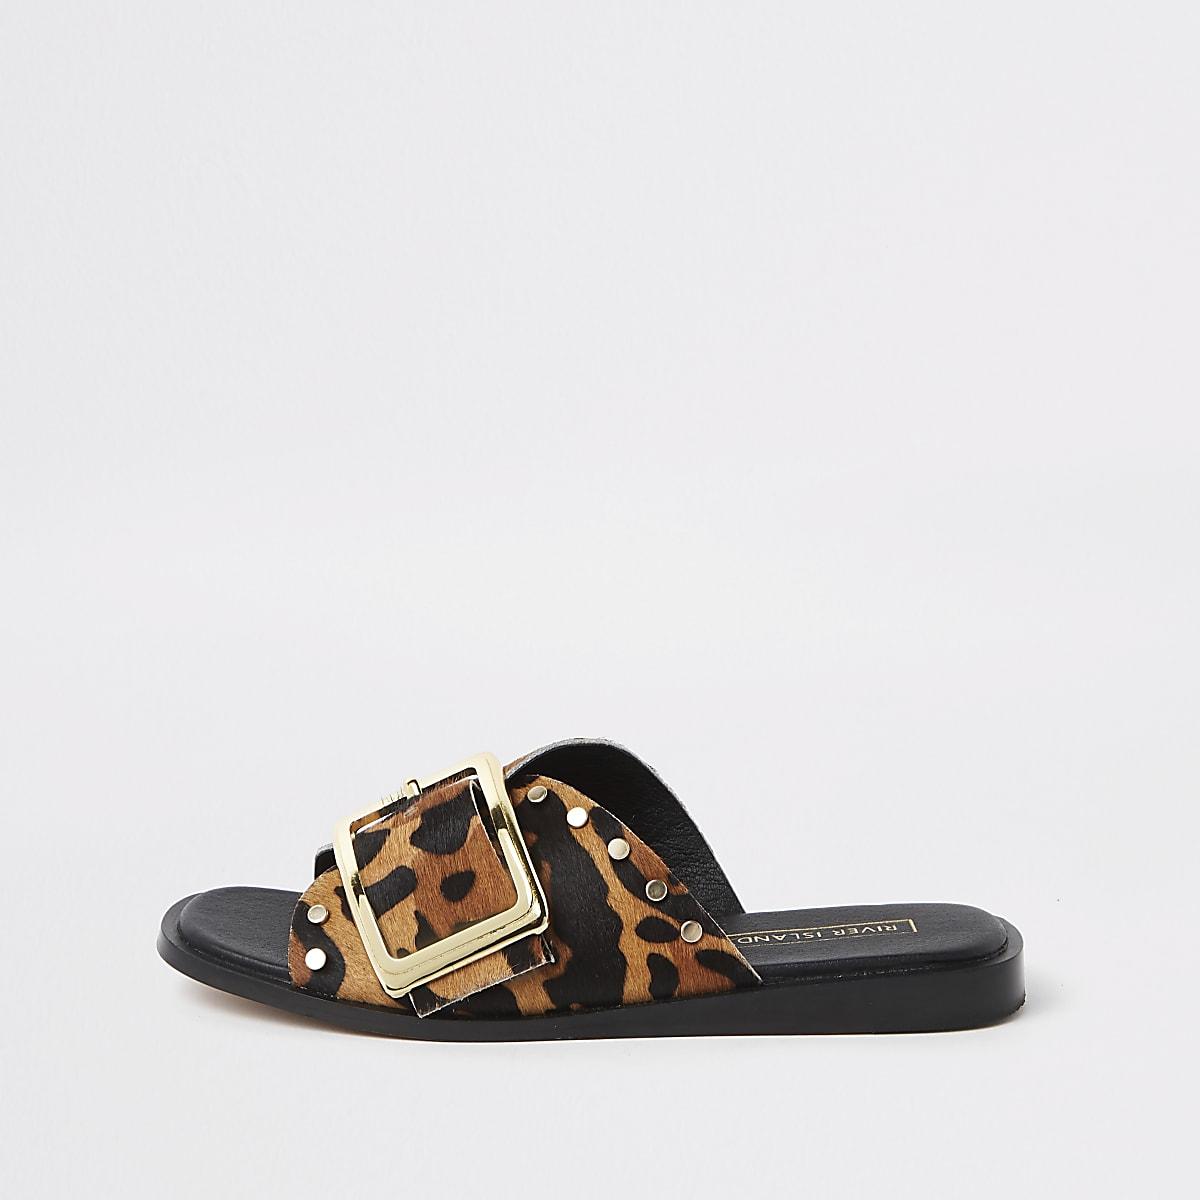 Bruine muiltjes met luidpaardprint